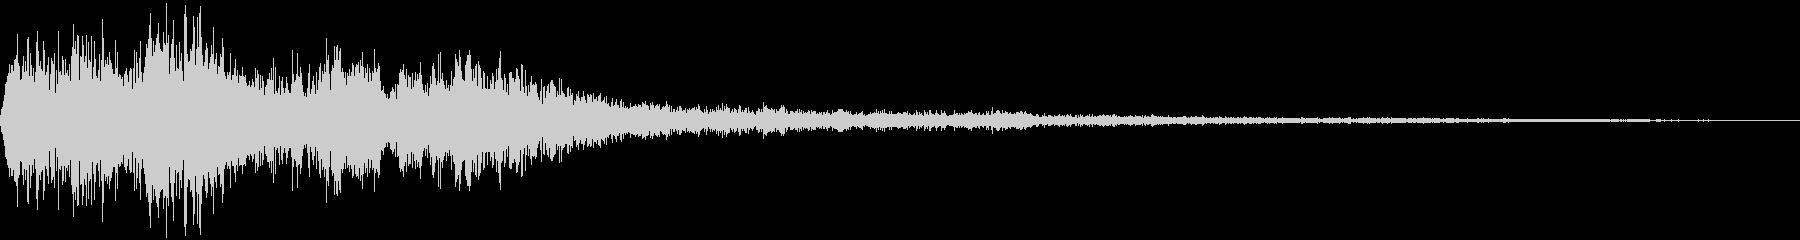 決定音(ゲーム風の高い金属音)の未再生の波形